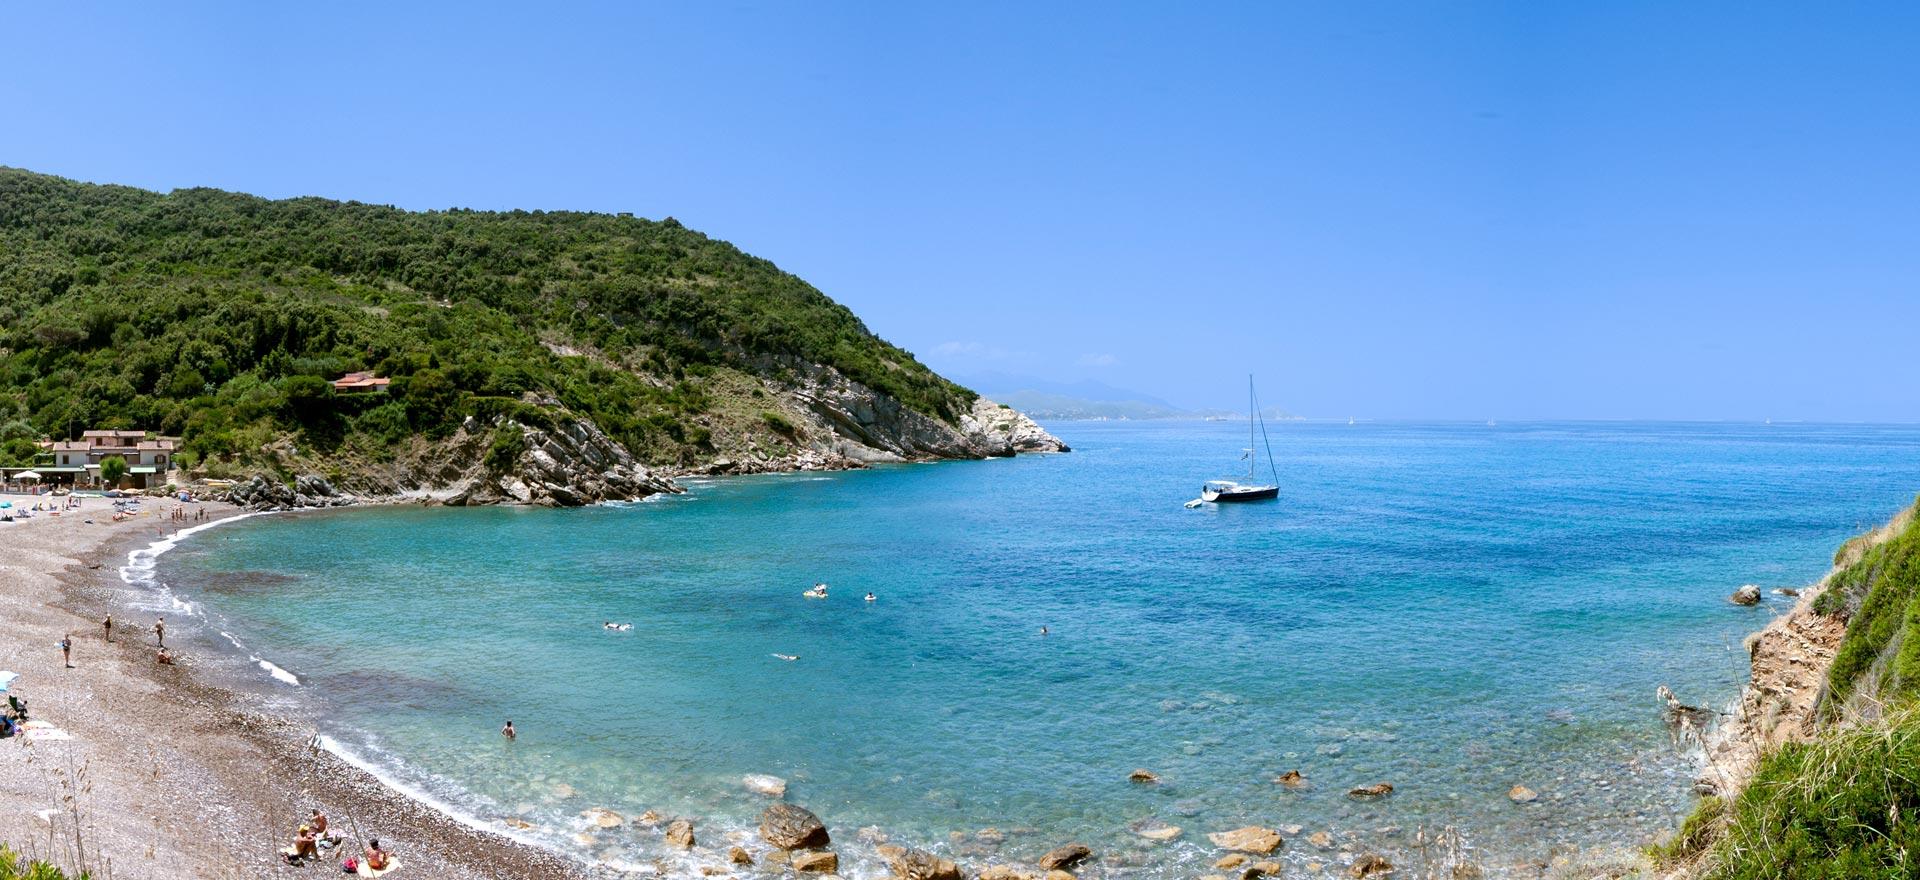 Ferienwohnungen nähe am Meer auf Elba | Residence Nisportino Domus